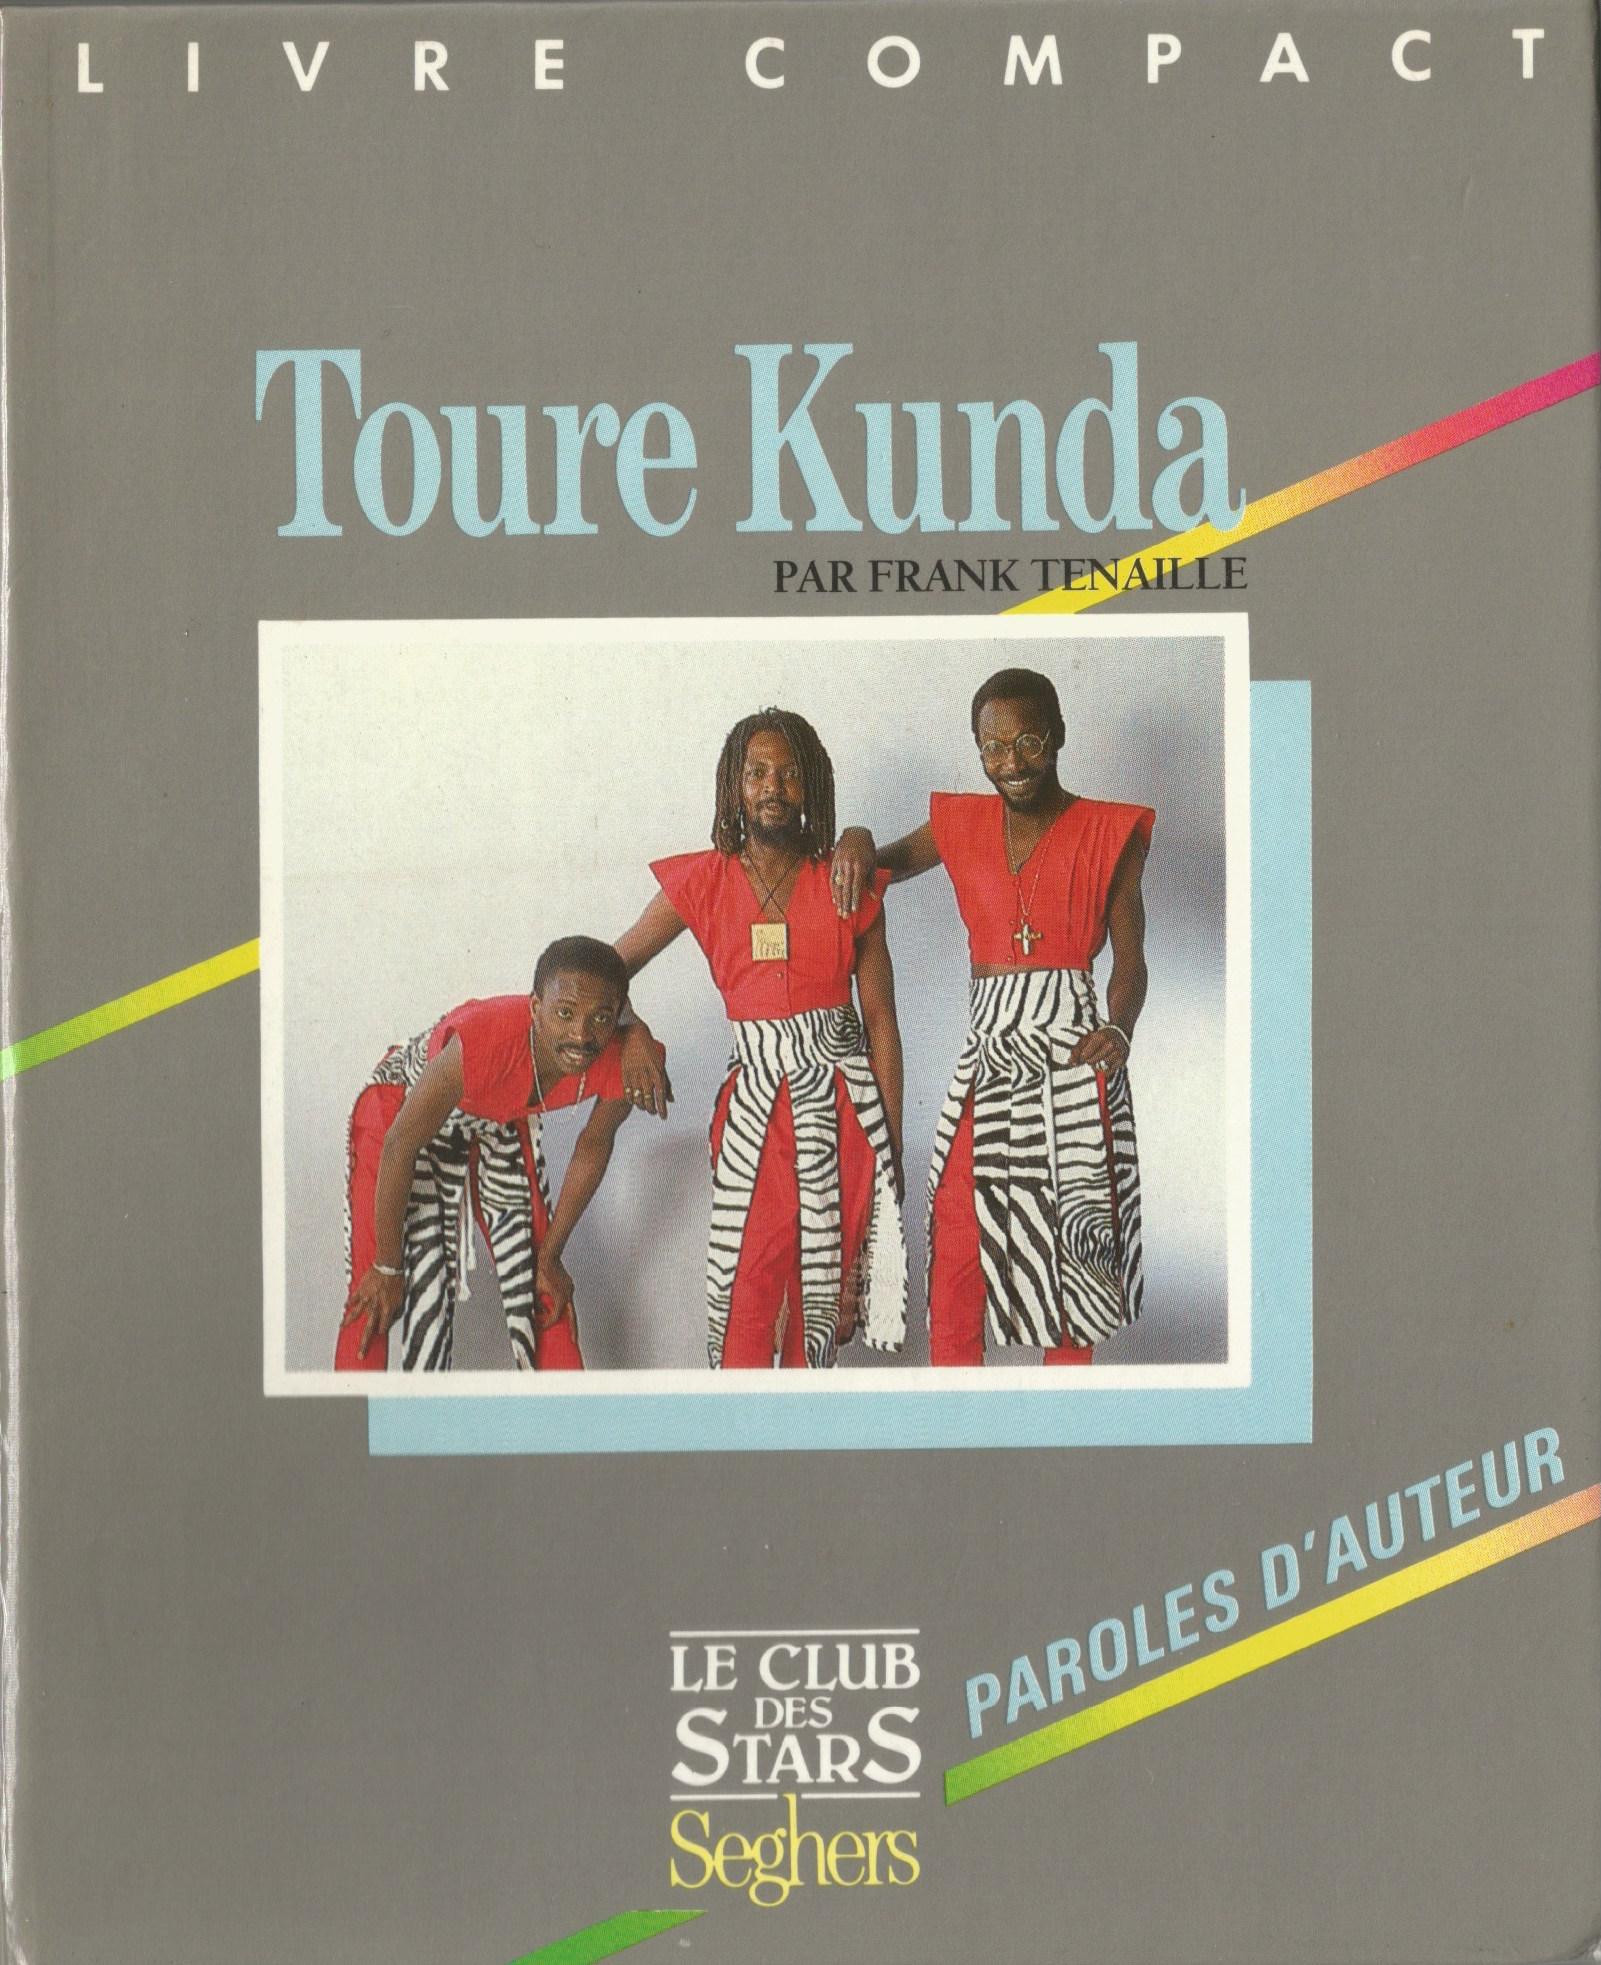 LivreToure Kunda